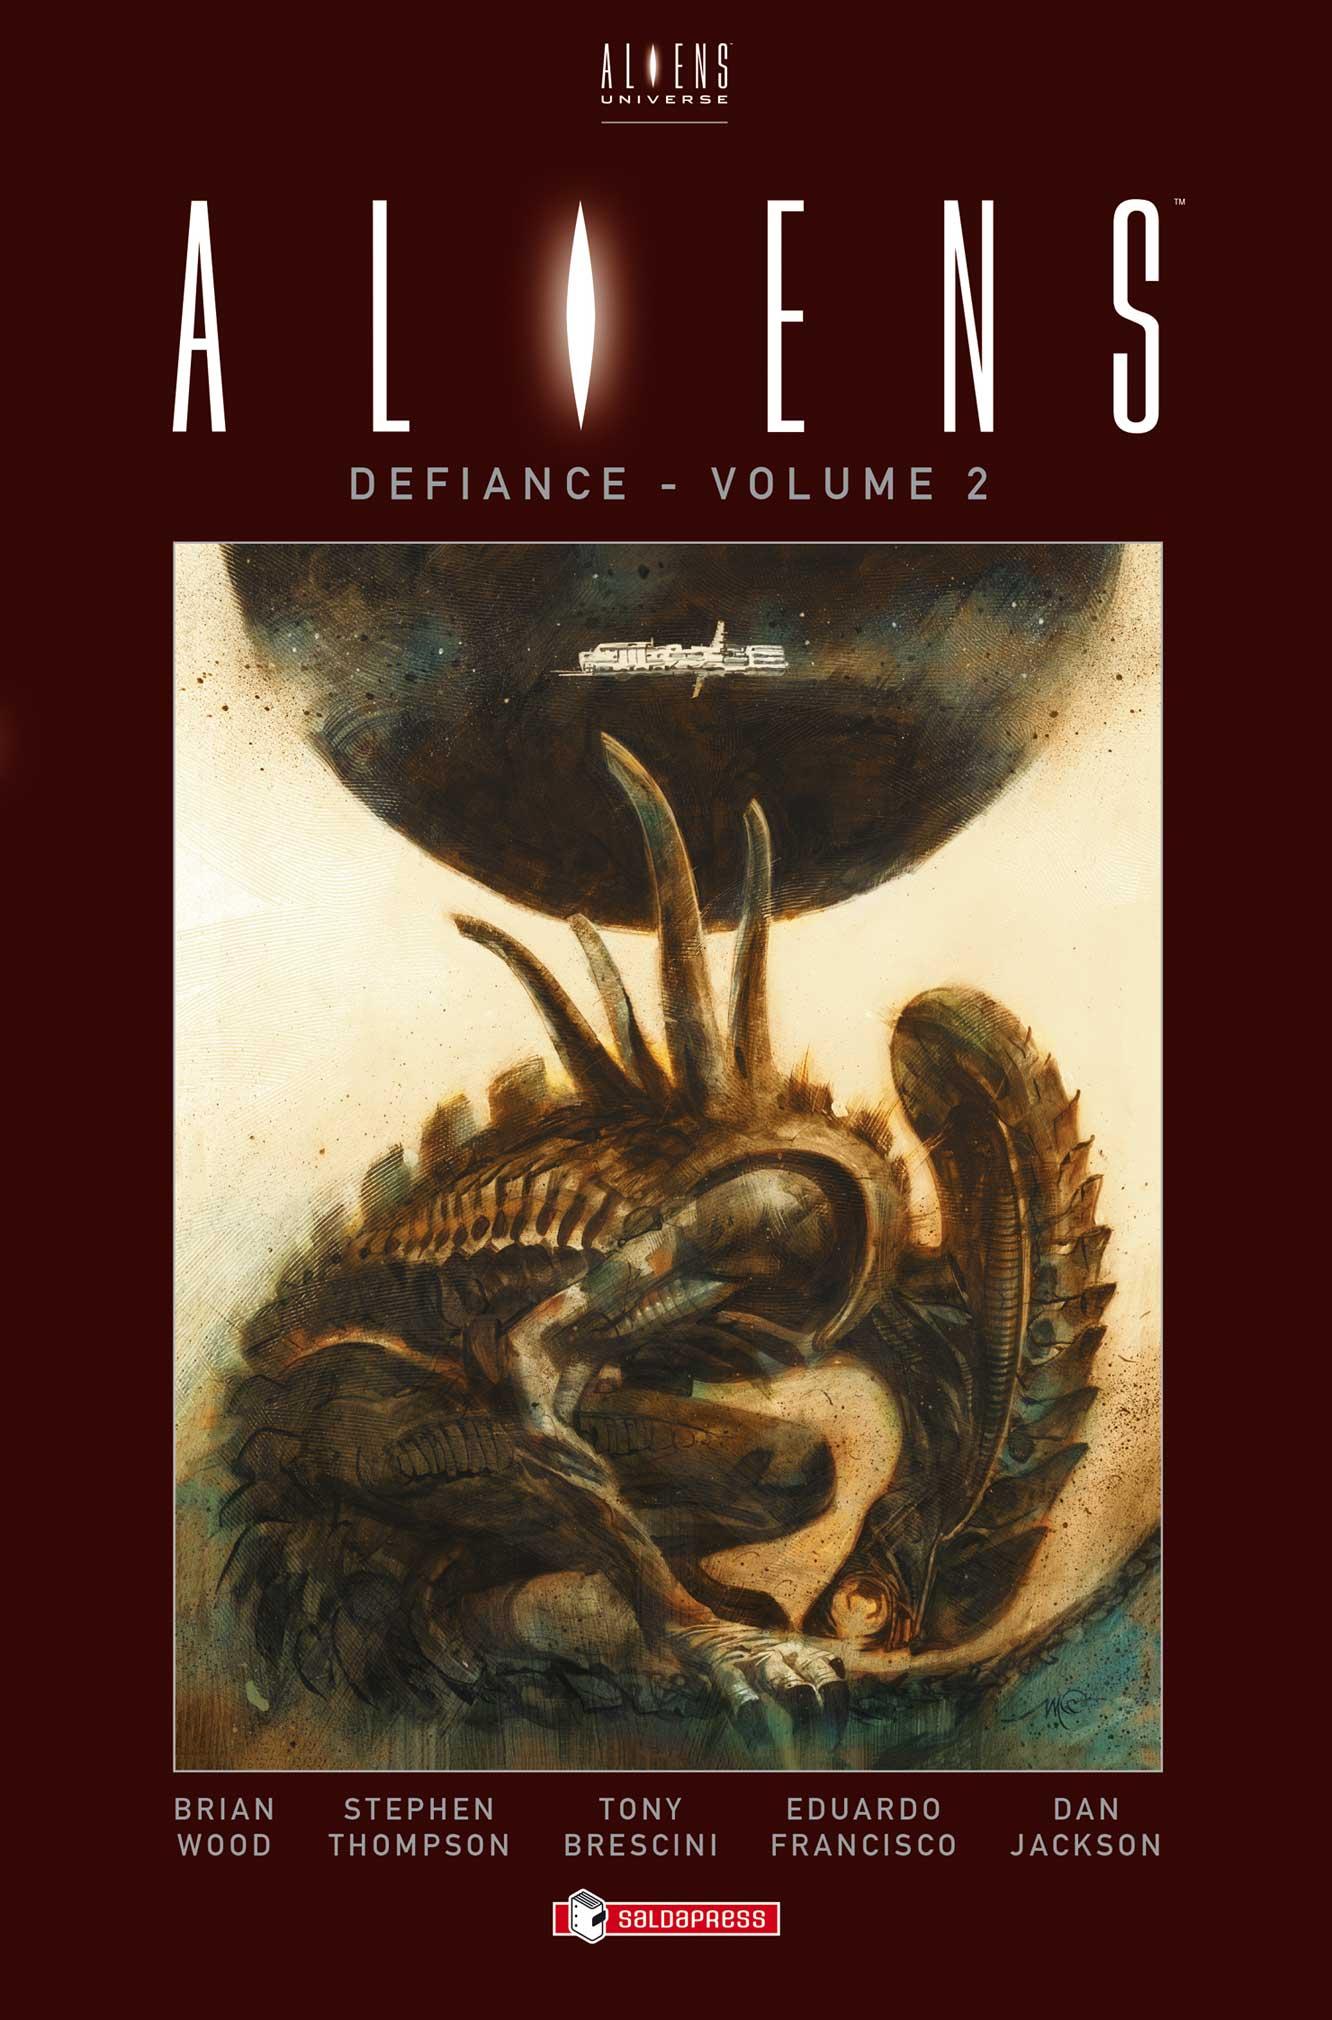 Libri Aliens Defiance Vol 02 (Hard Cover) NUOVO SIGILLATO, EDIZIONE DEL 03/05/2018 SUBITO DISPONIBILE